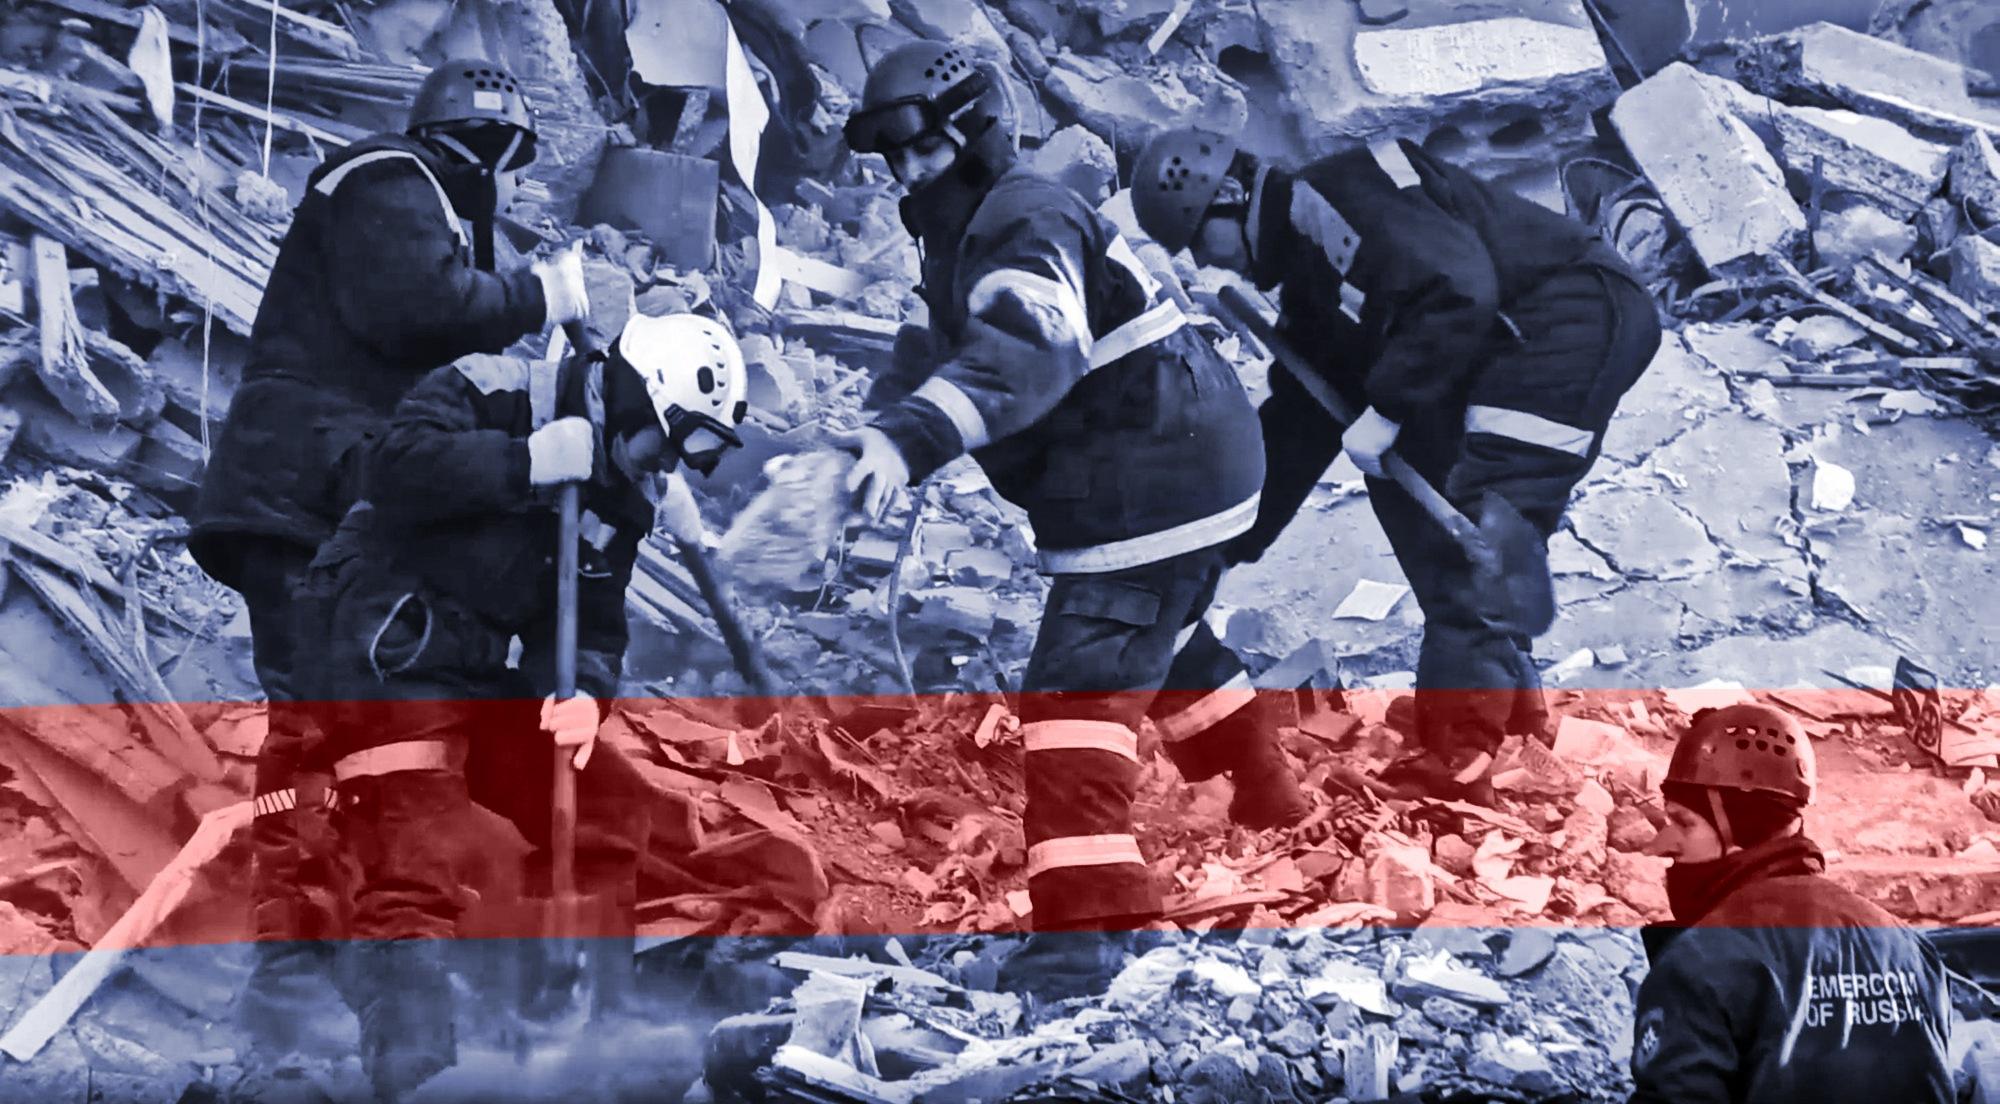 Murieron 39 personas por derrumbe de edificio en Rusia